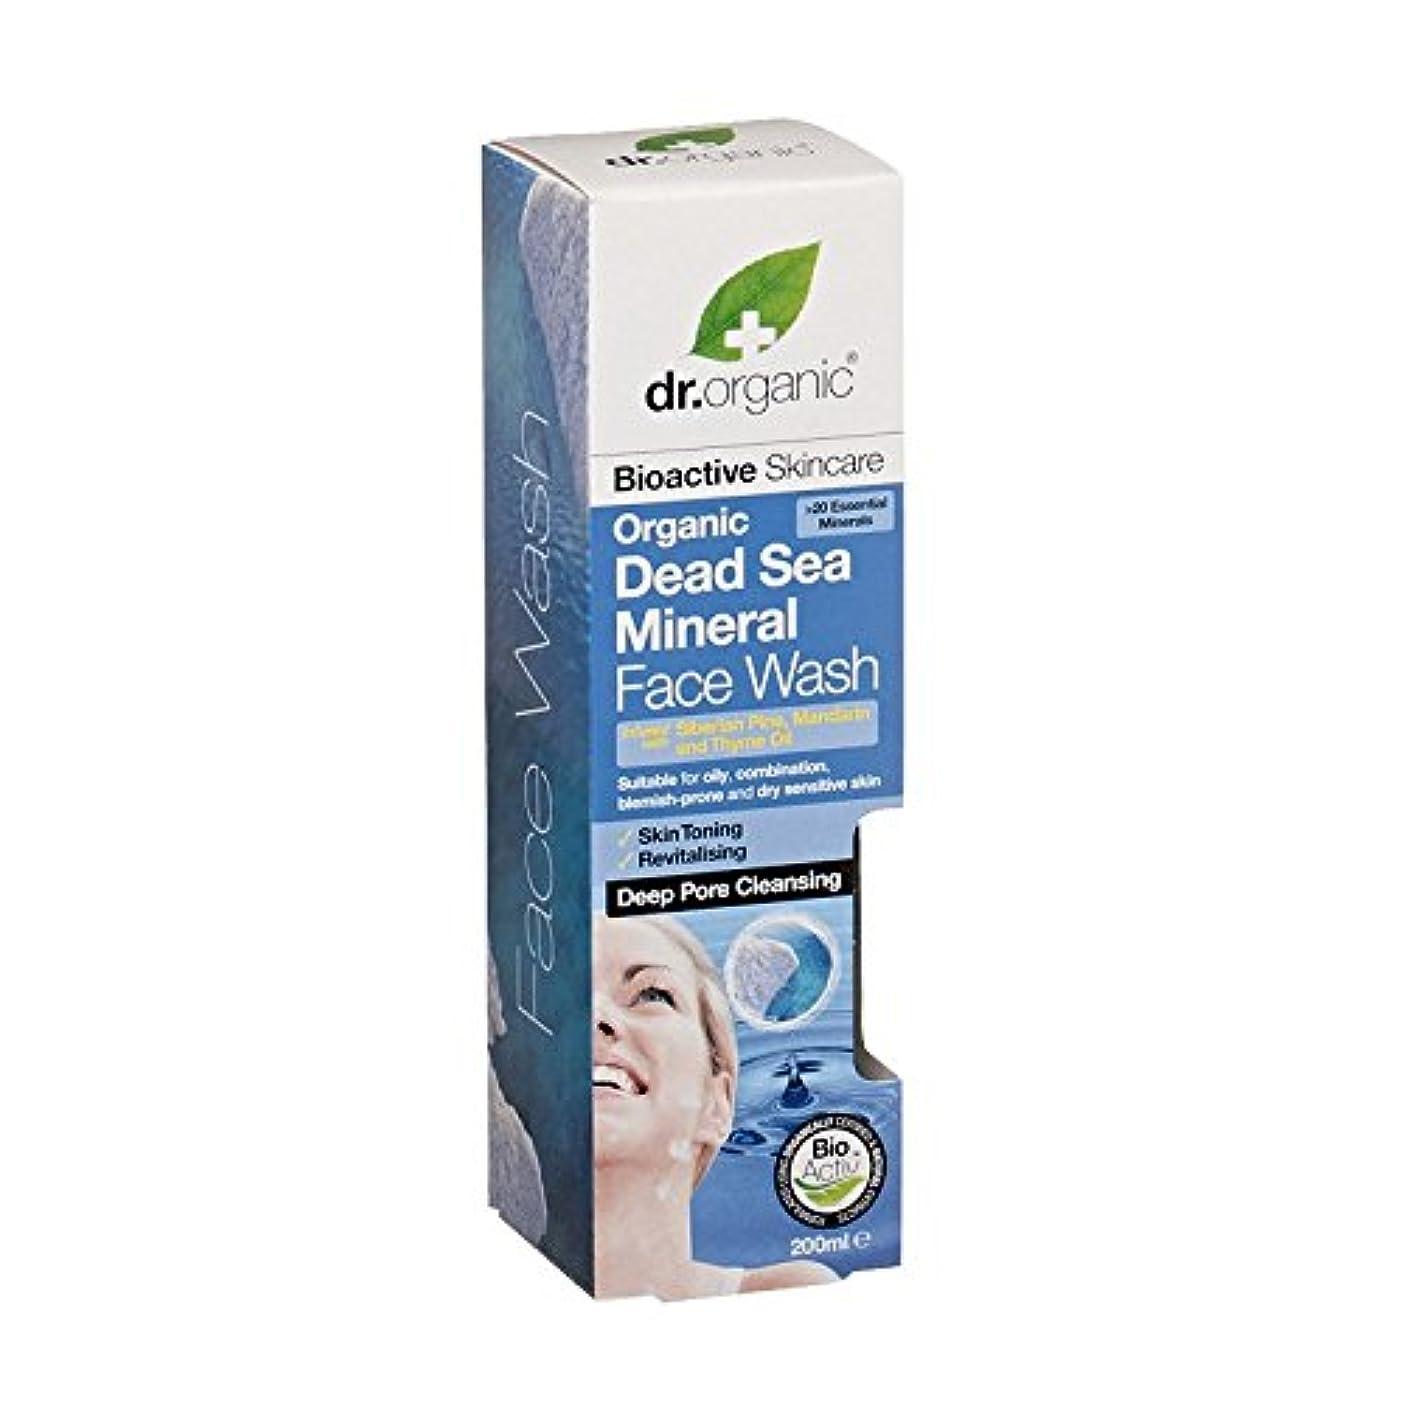 究極の冷酷な断言するDr Organic Dead Sea Mineral Face Wash (Pack of 2) - Dr有機死海のミネラル洗顔 (x2) [並行輸入品]